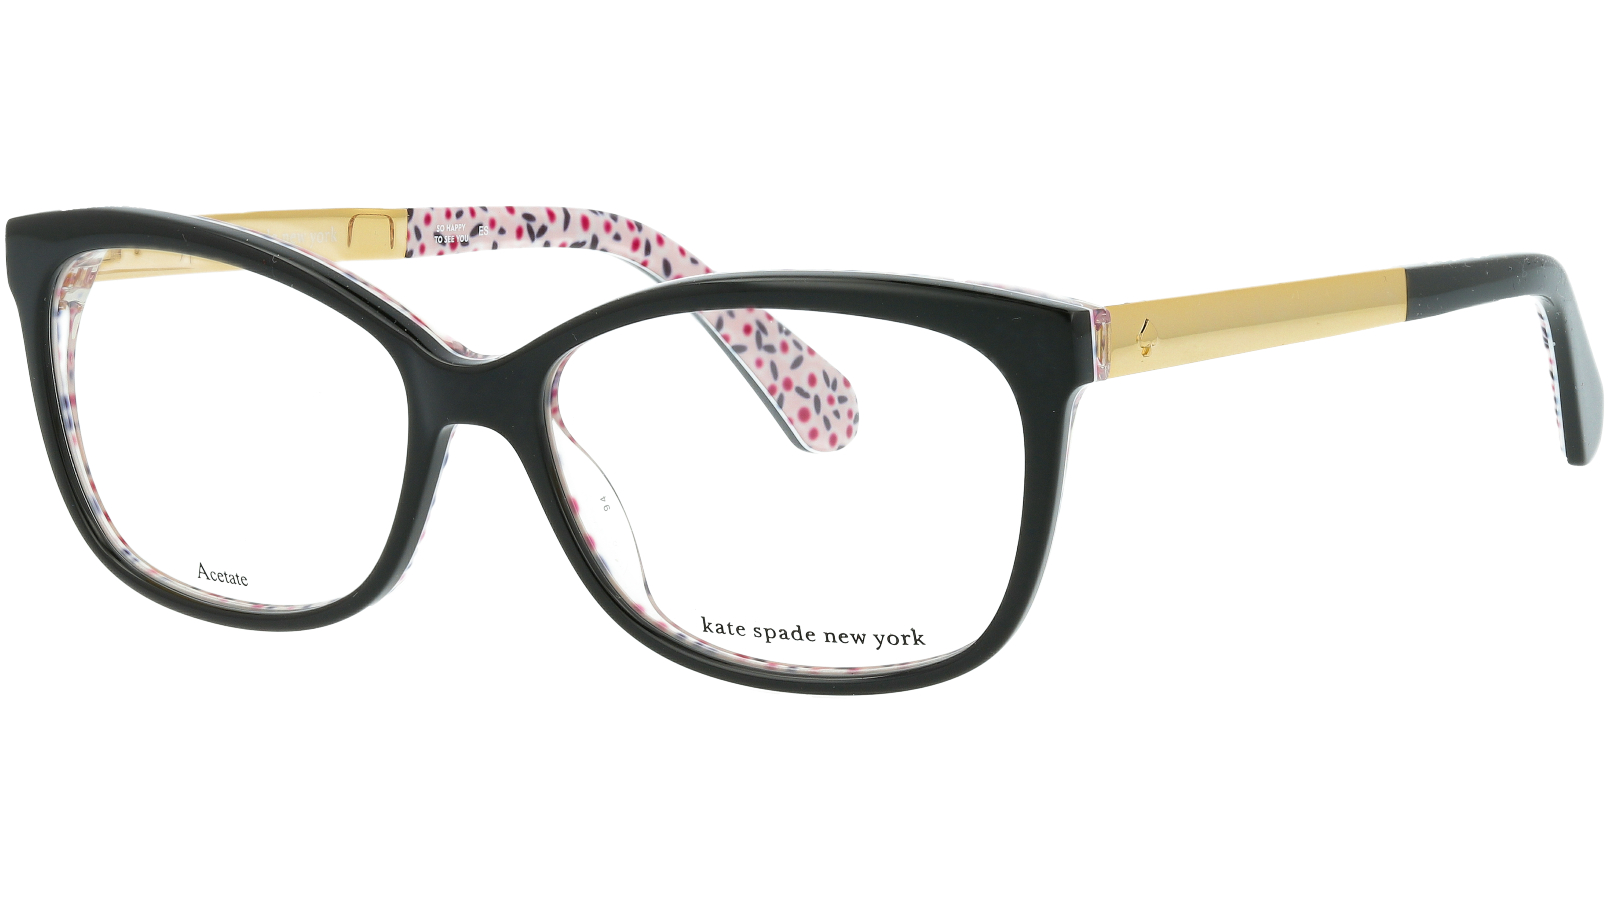 KATE SPADE JODIANN UYY 52 BLACK Glasses